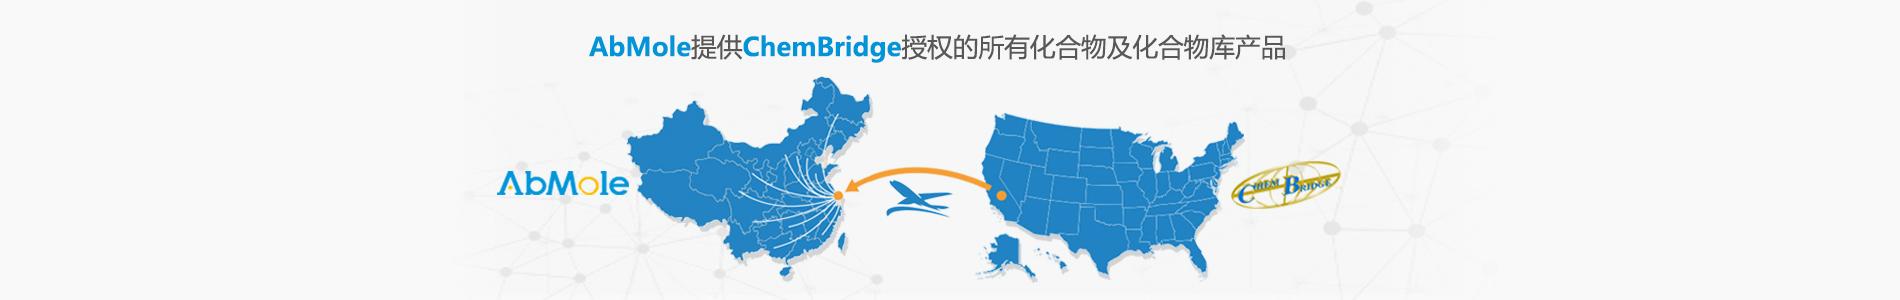 祝贺AbMole与ChemBridge达成战略合作!